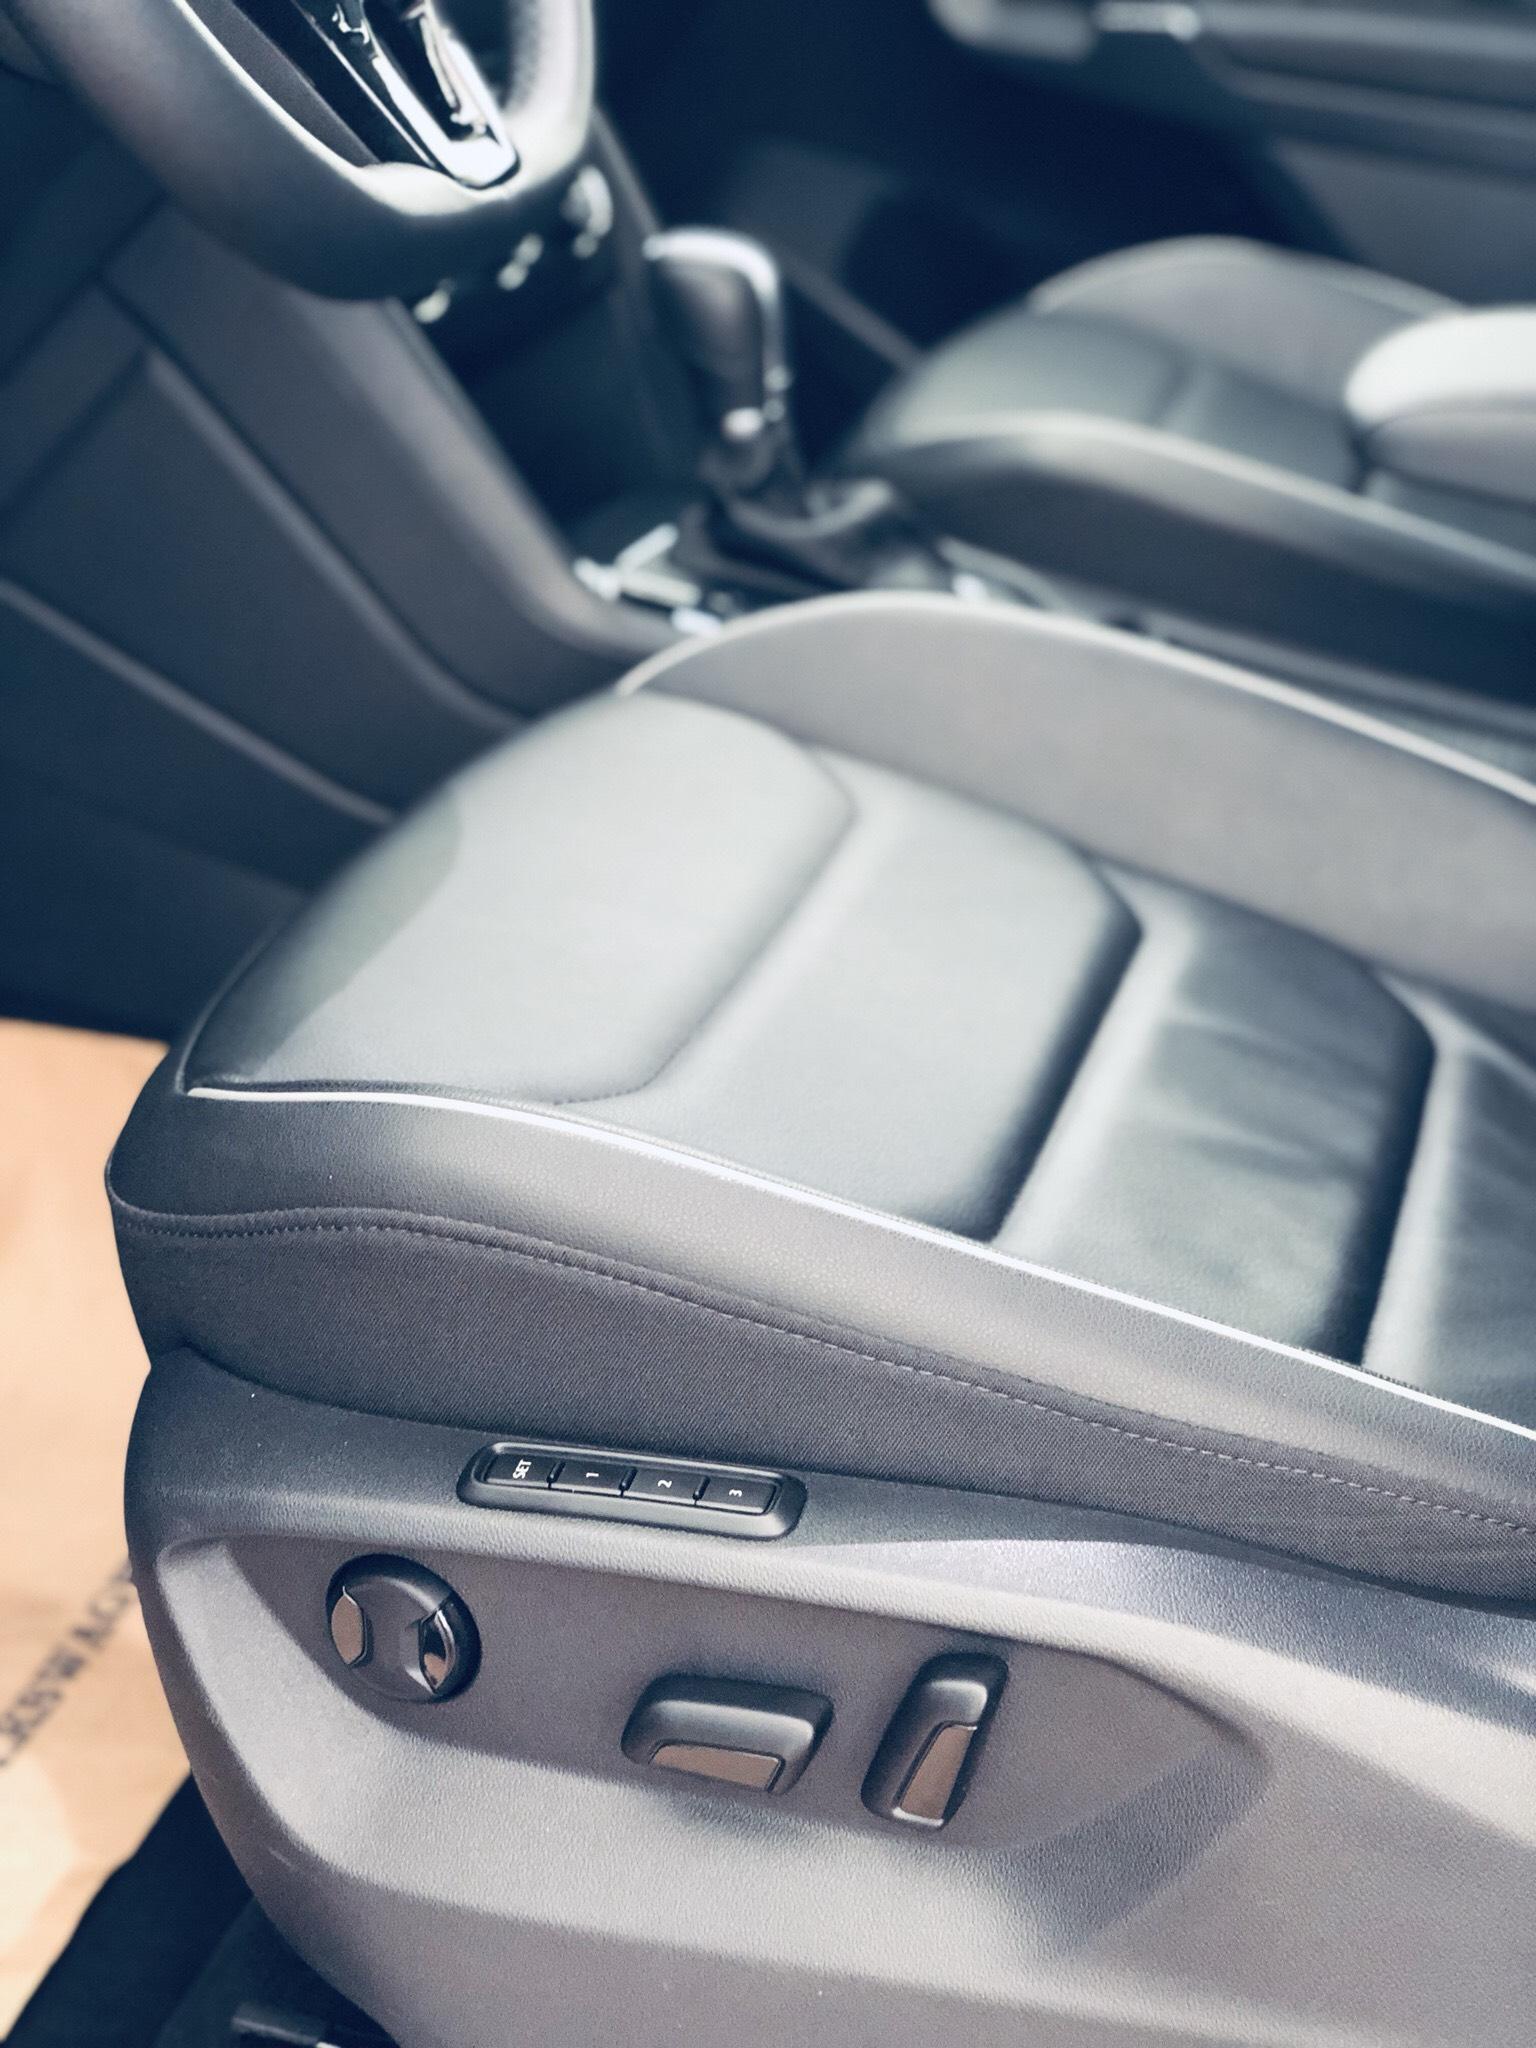 Volkswagen Tiguan Allspace trắng Ngọc Trinh, hỗ trợ 100% lệ phí trước bạ